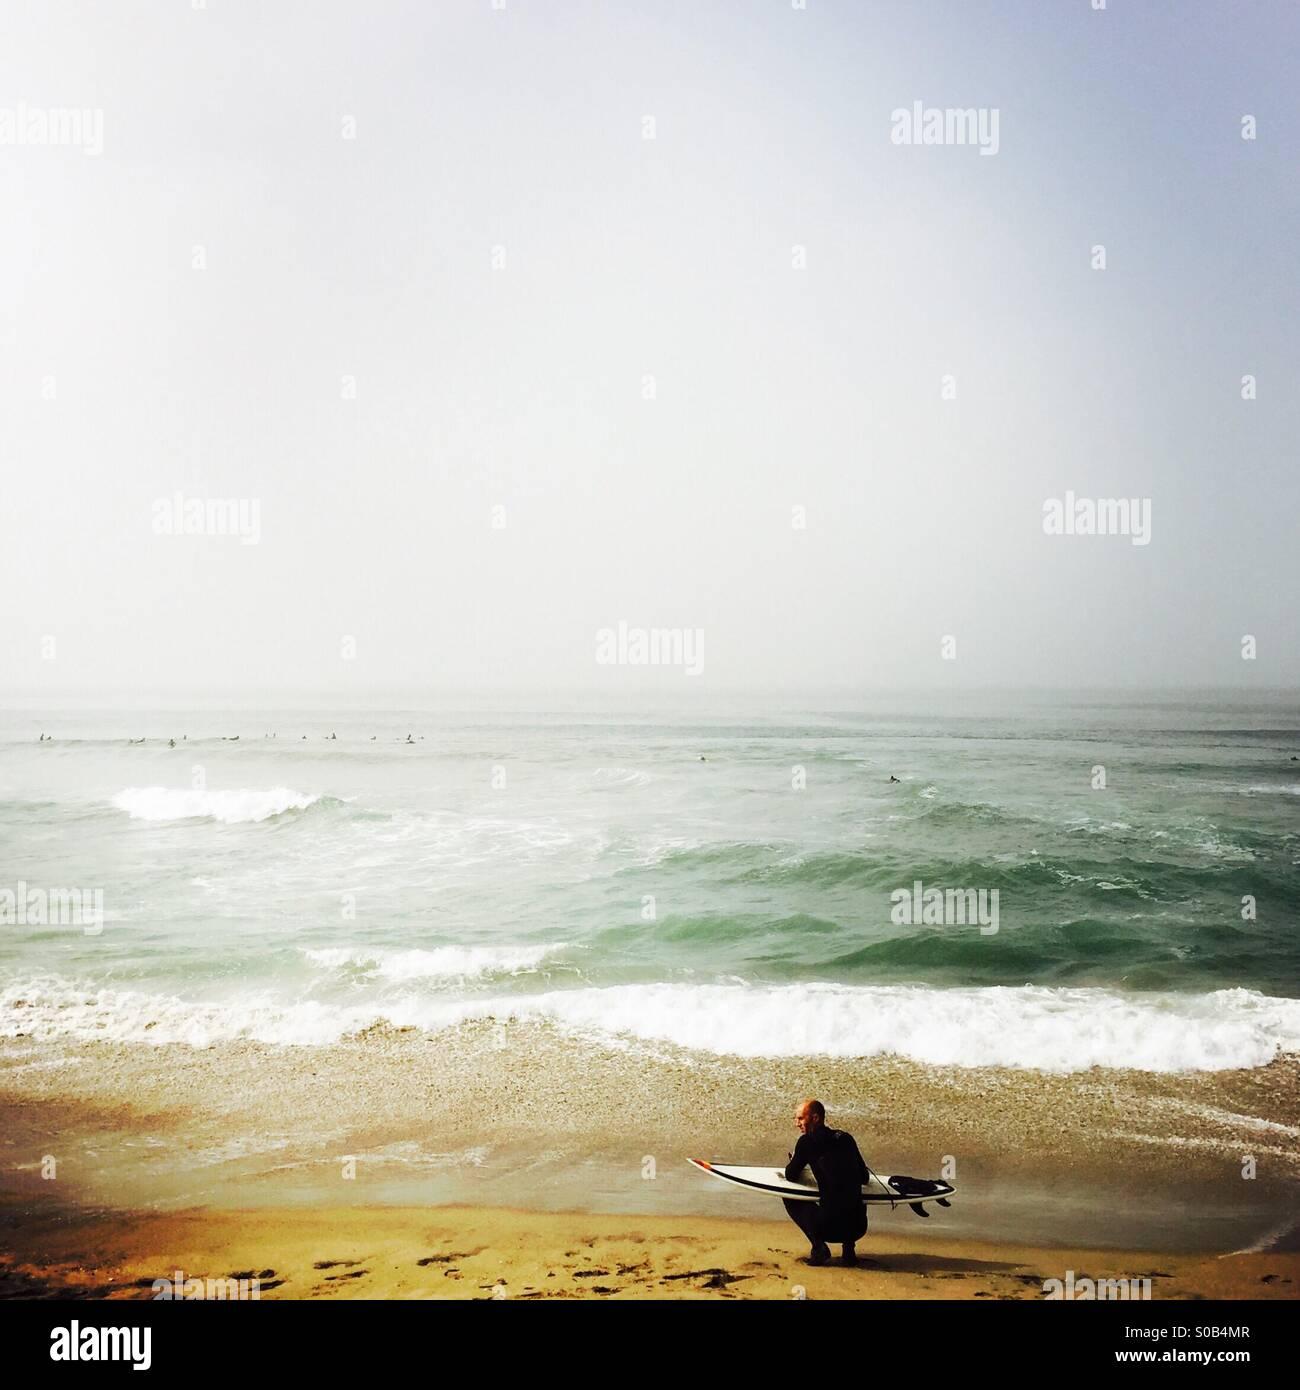 A surfer waits on the beach. Manhattan Beach, California USA.Stock Photo